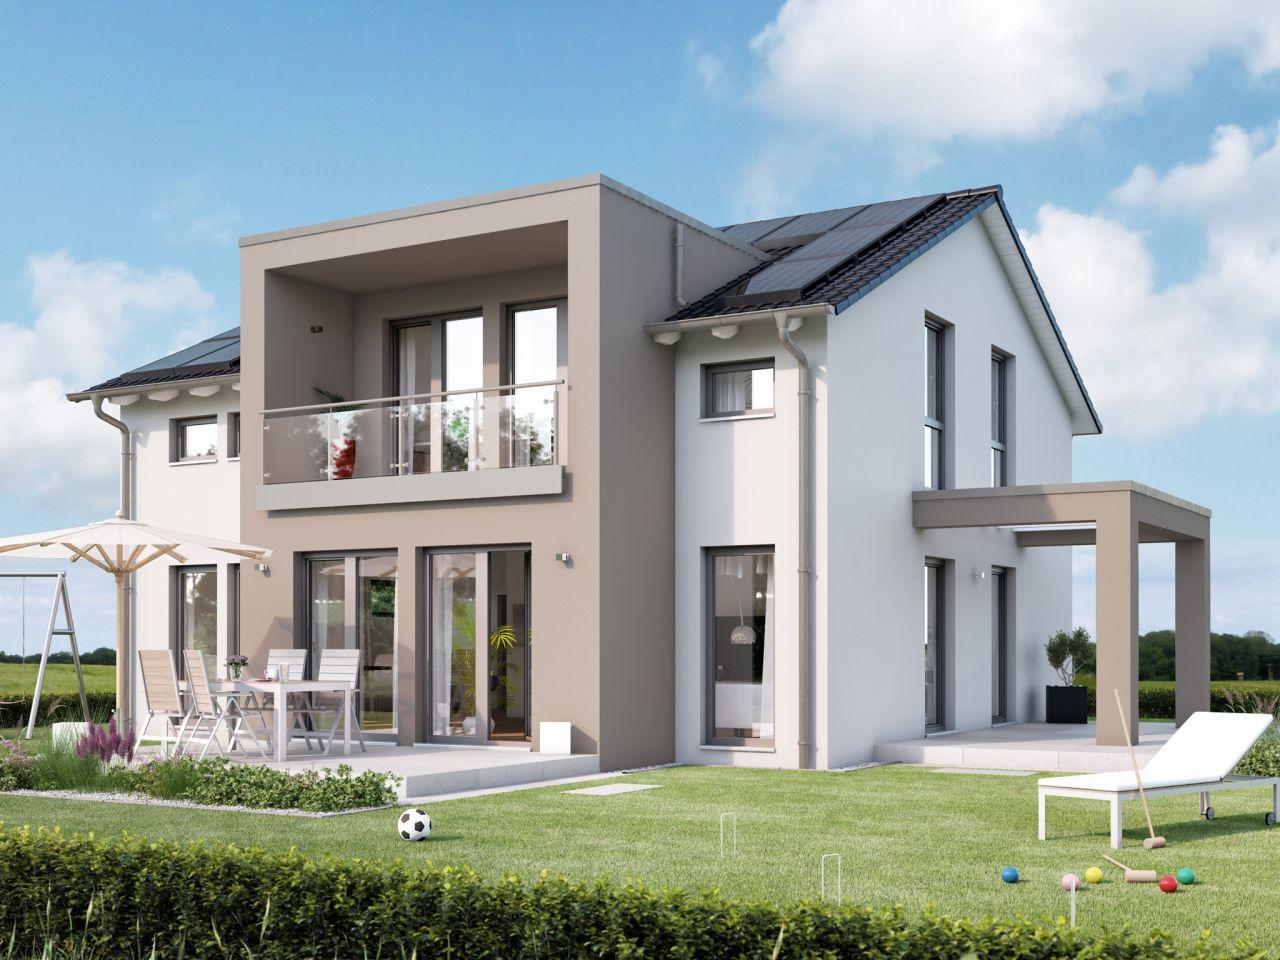 An die Zukunft denken! Mit Living Haus bauen!